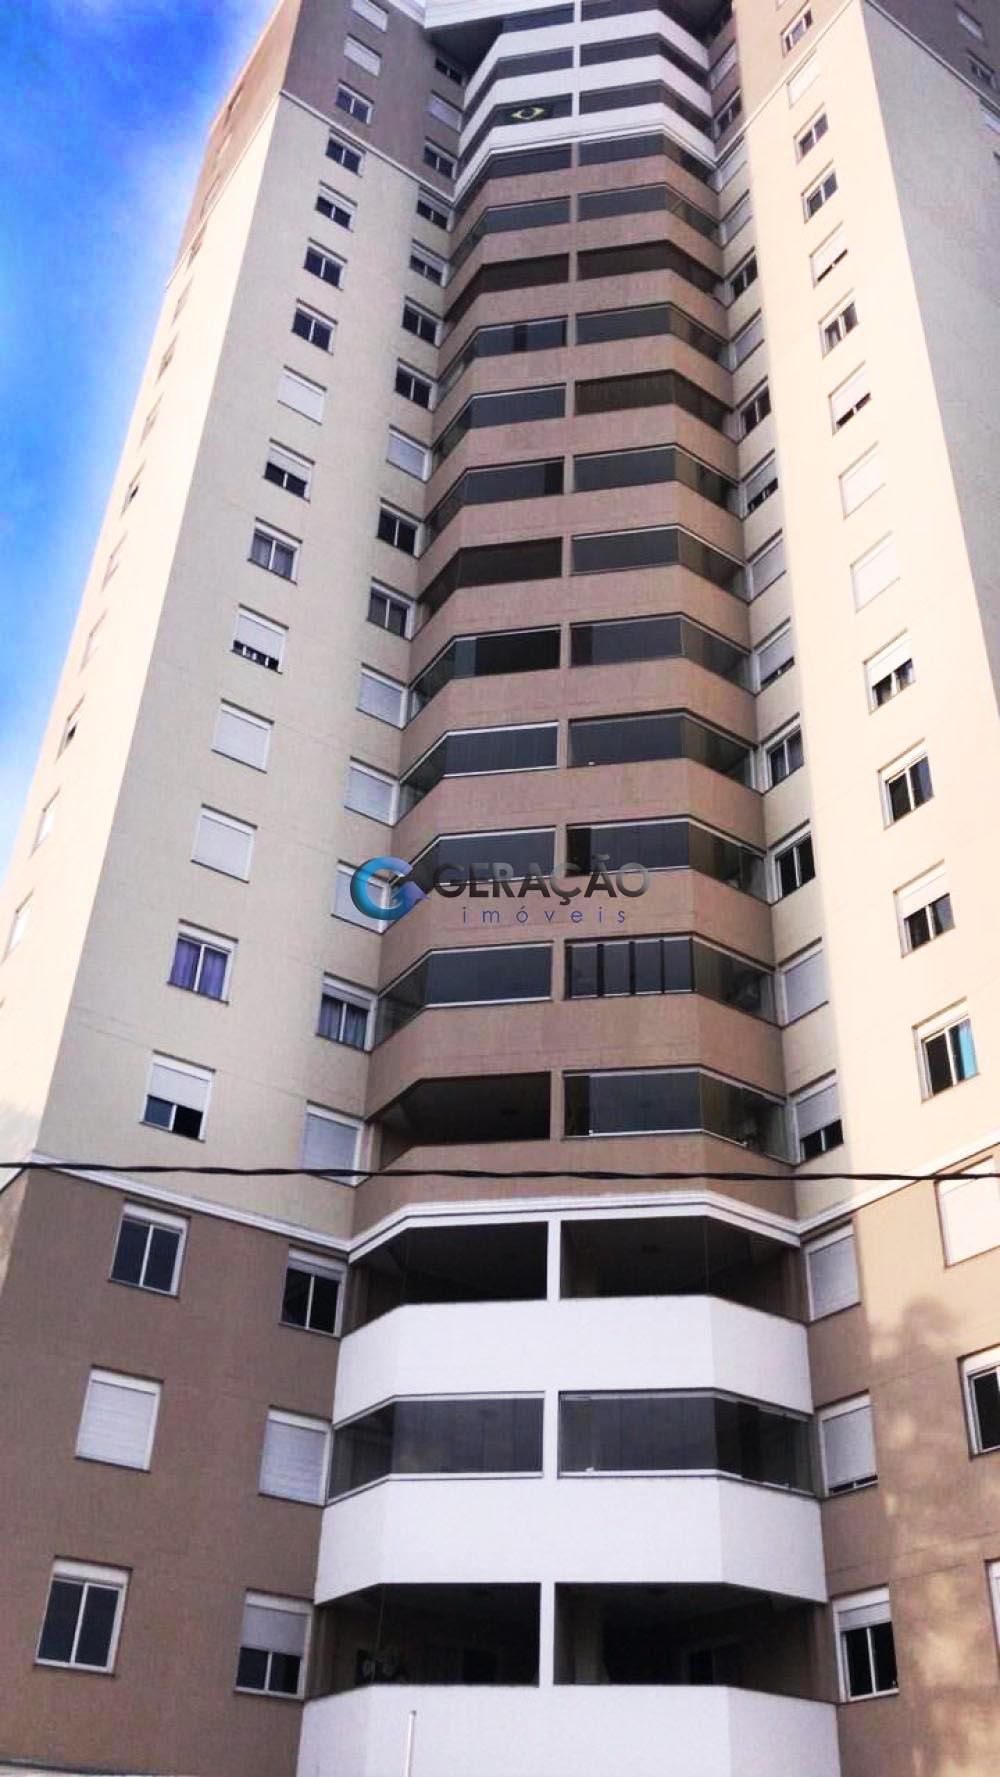 Comprar Apartamento / Padrão em São José dos Campos R$ 580.000,00 - Foto 1